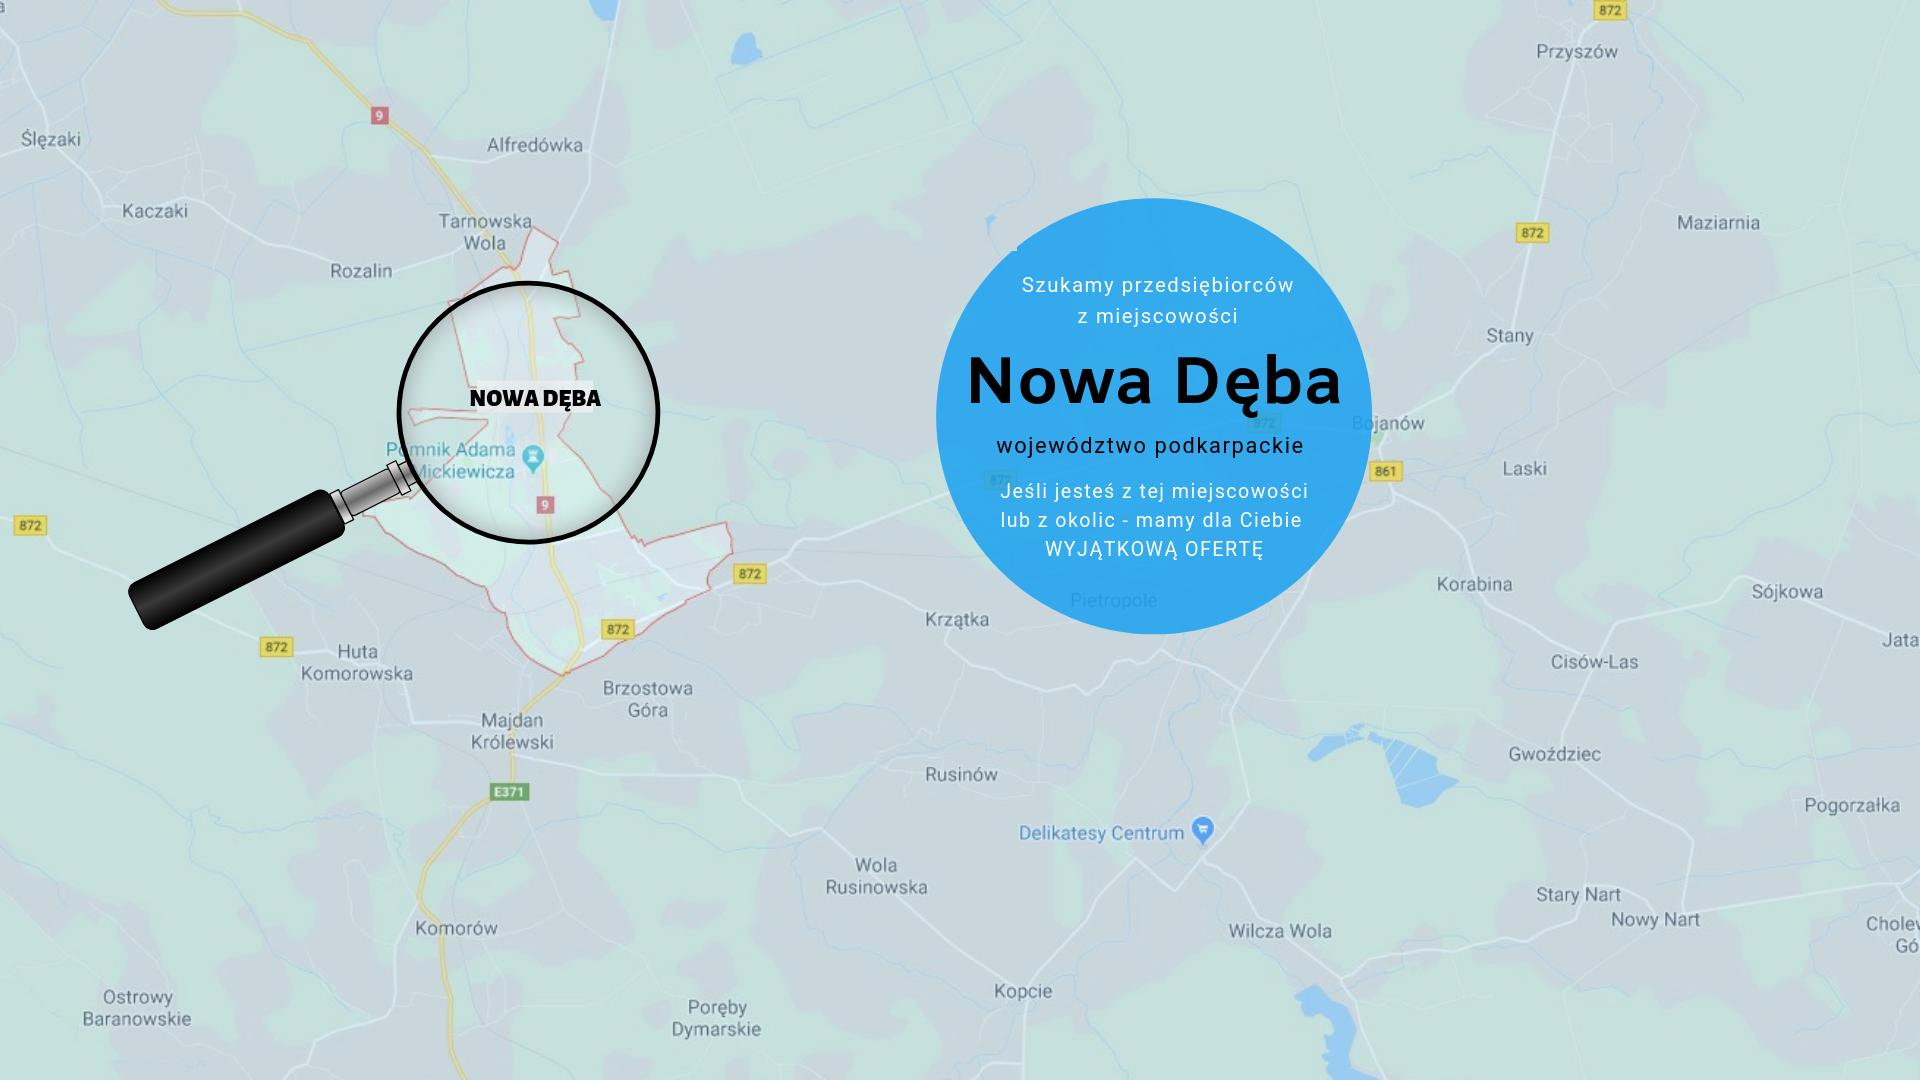 Nowa-Dba6